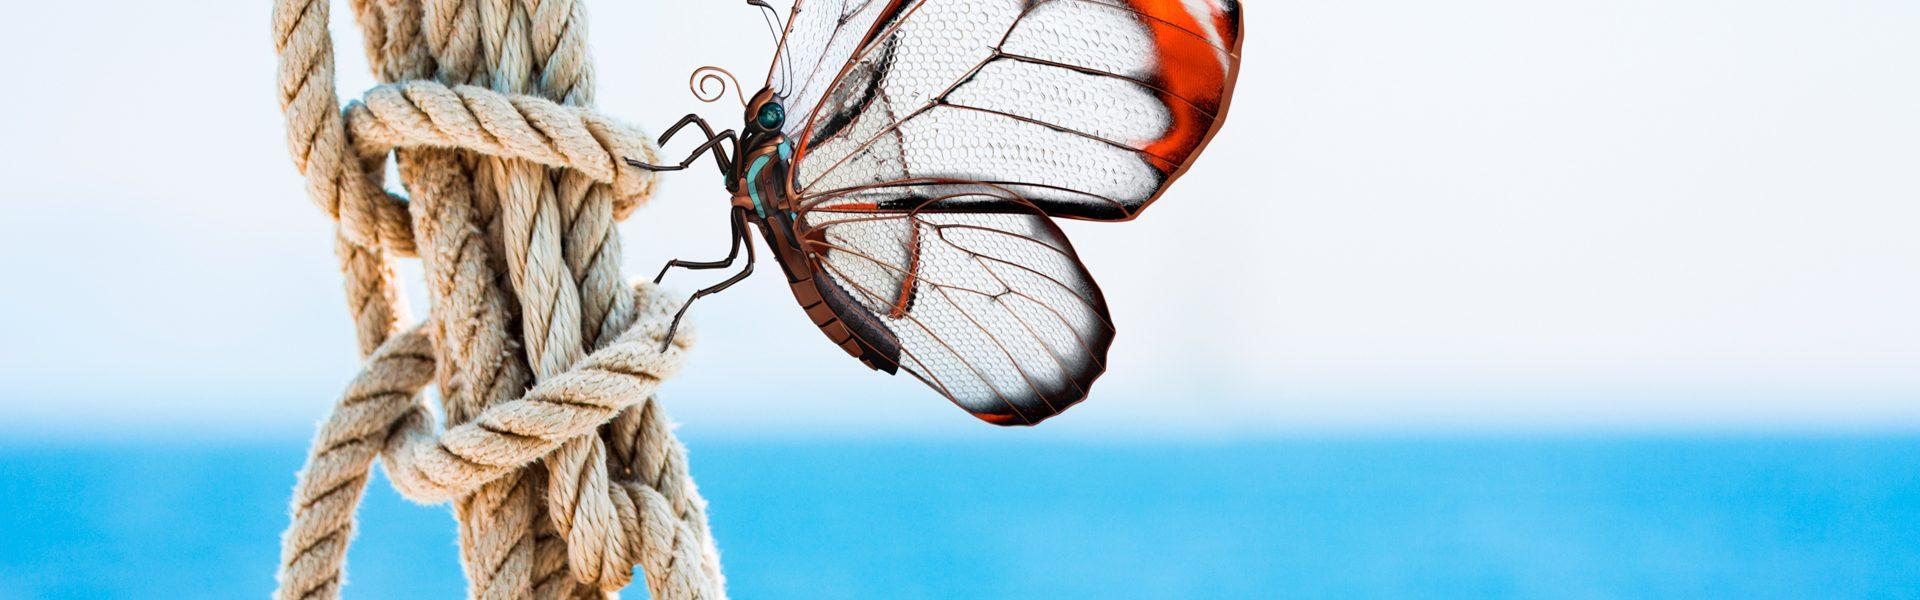 arimeo Fensterfalzlüfter Schmetterling an Seil kleiner